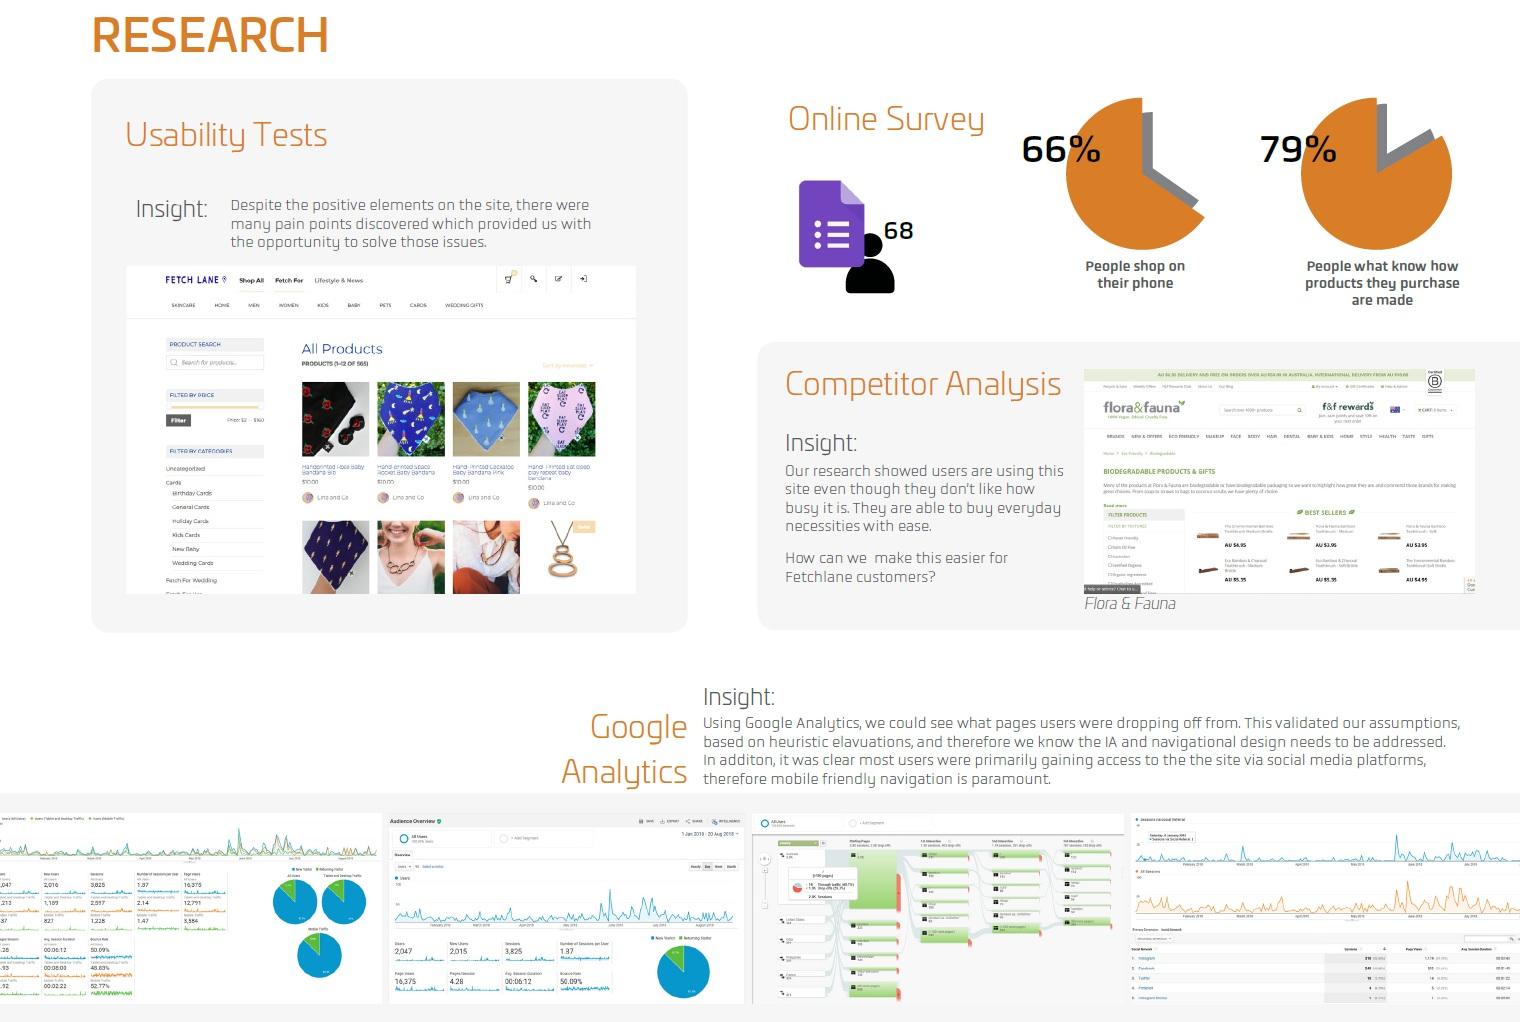 Fetch Lane_for website_details 01.PNG